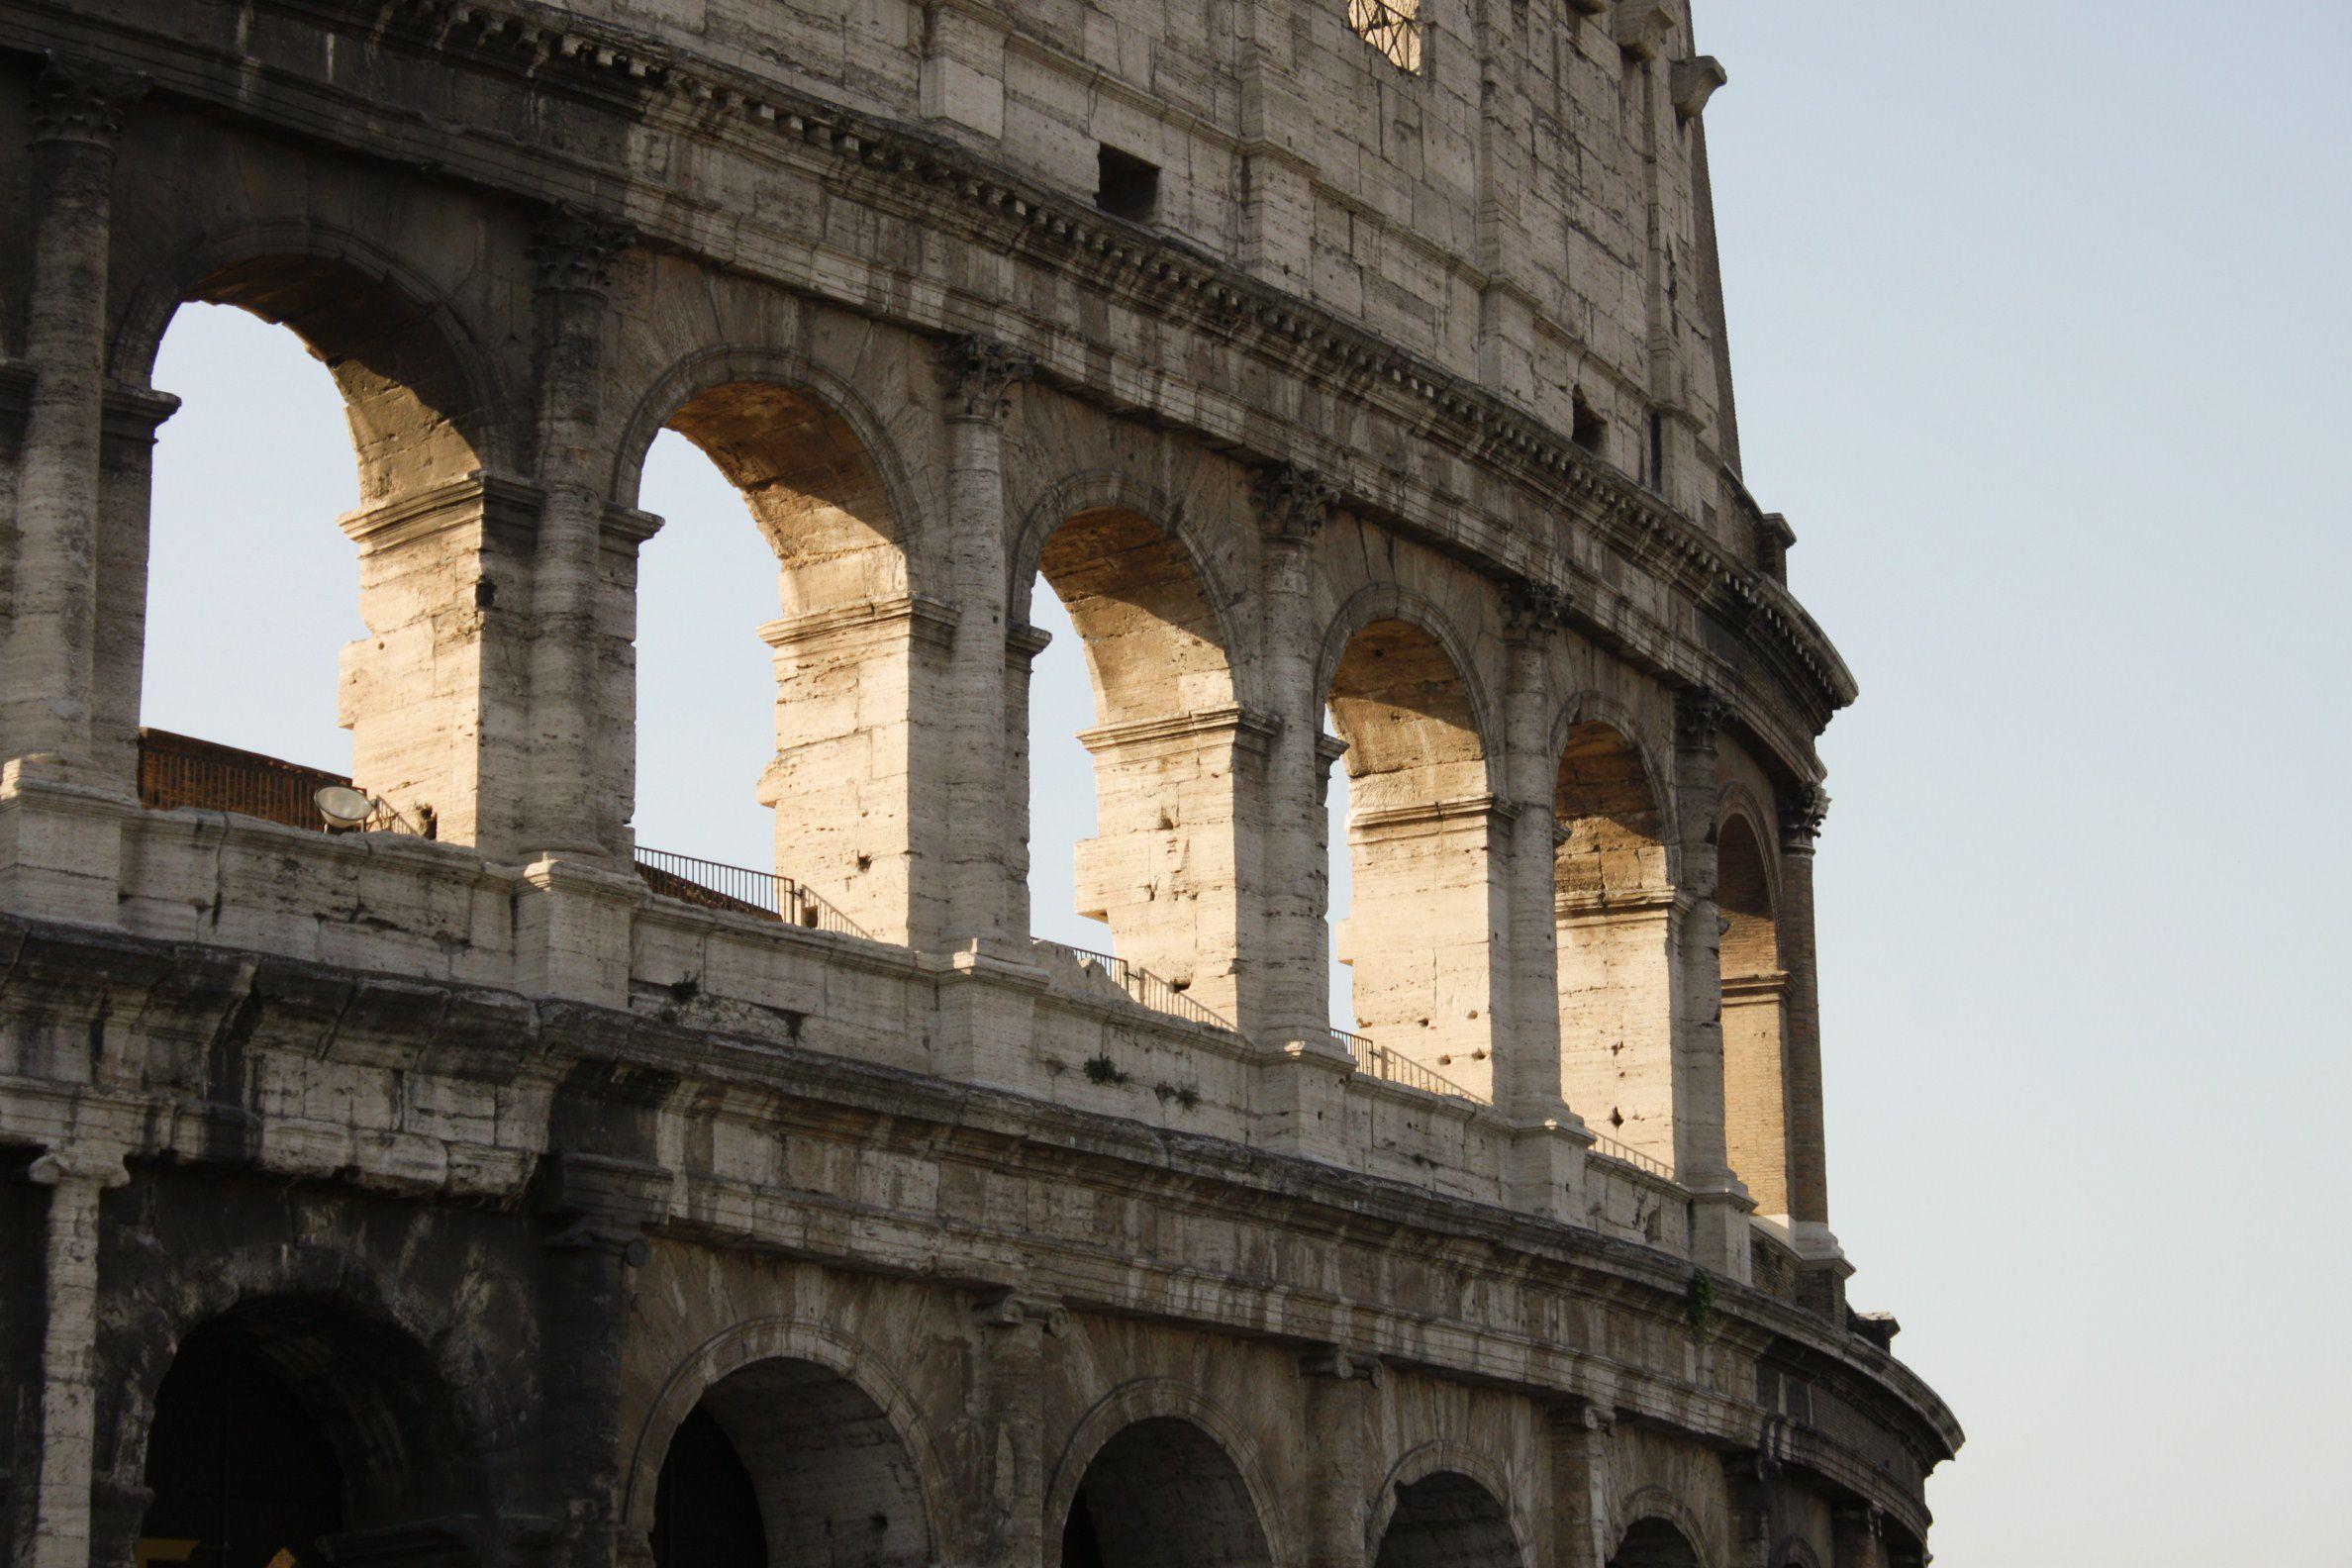 The Coliseum / Rome / Italy   El coliseo - Roma - Italia